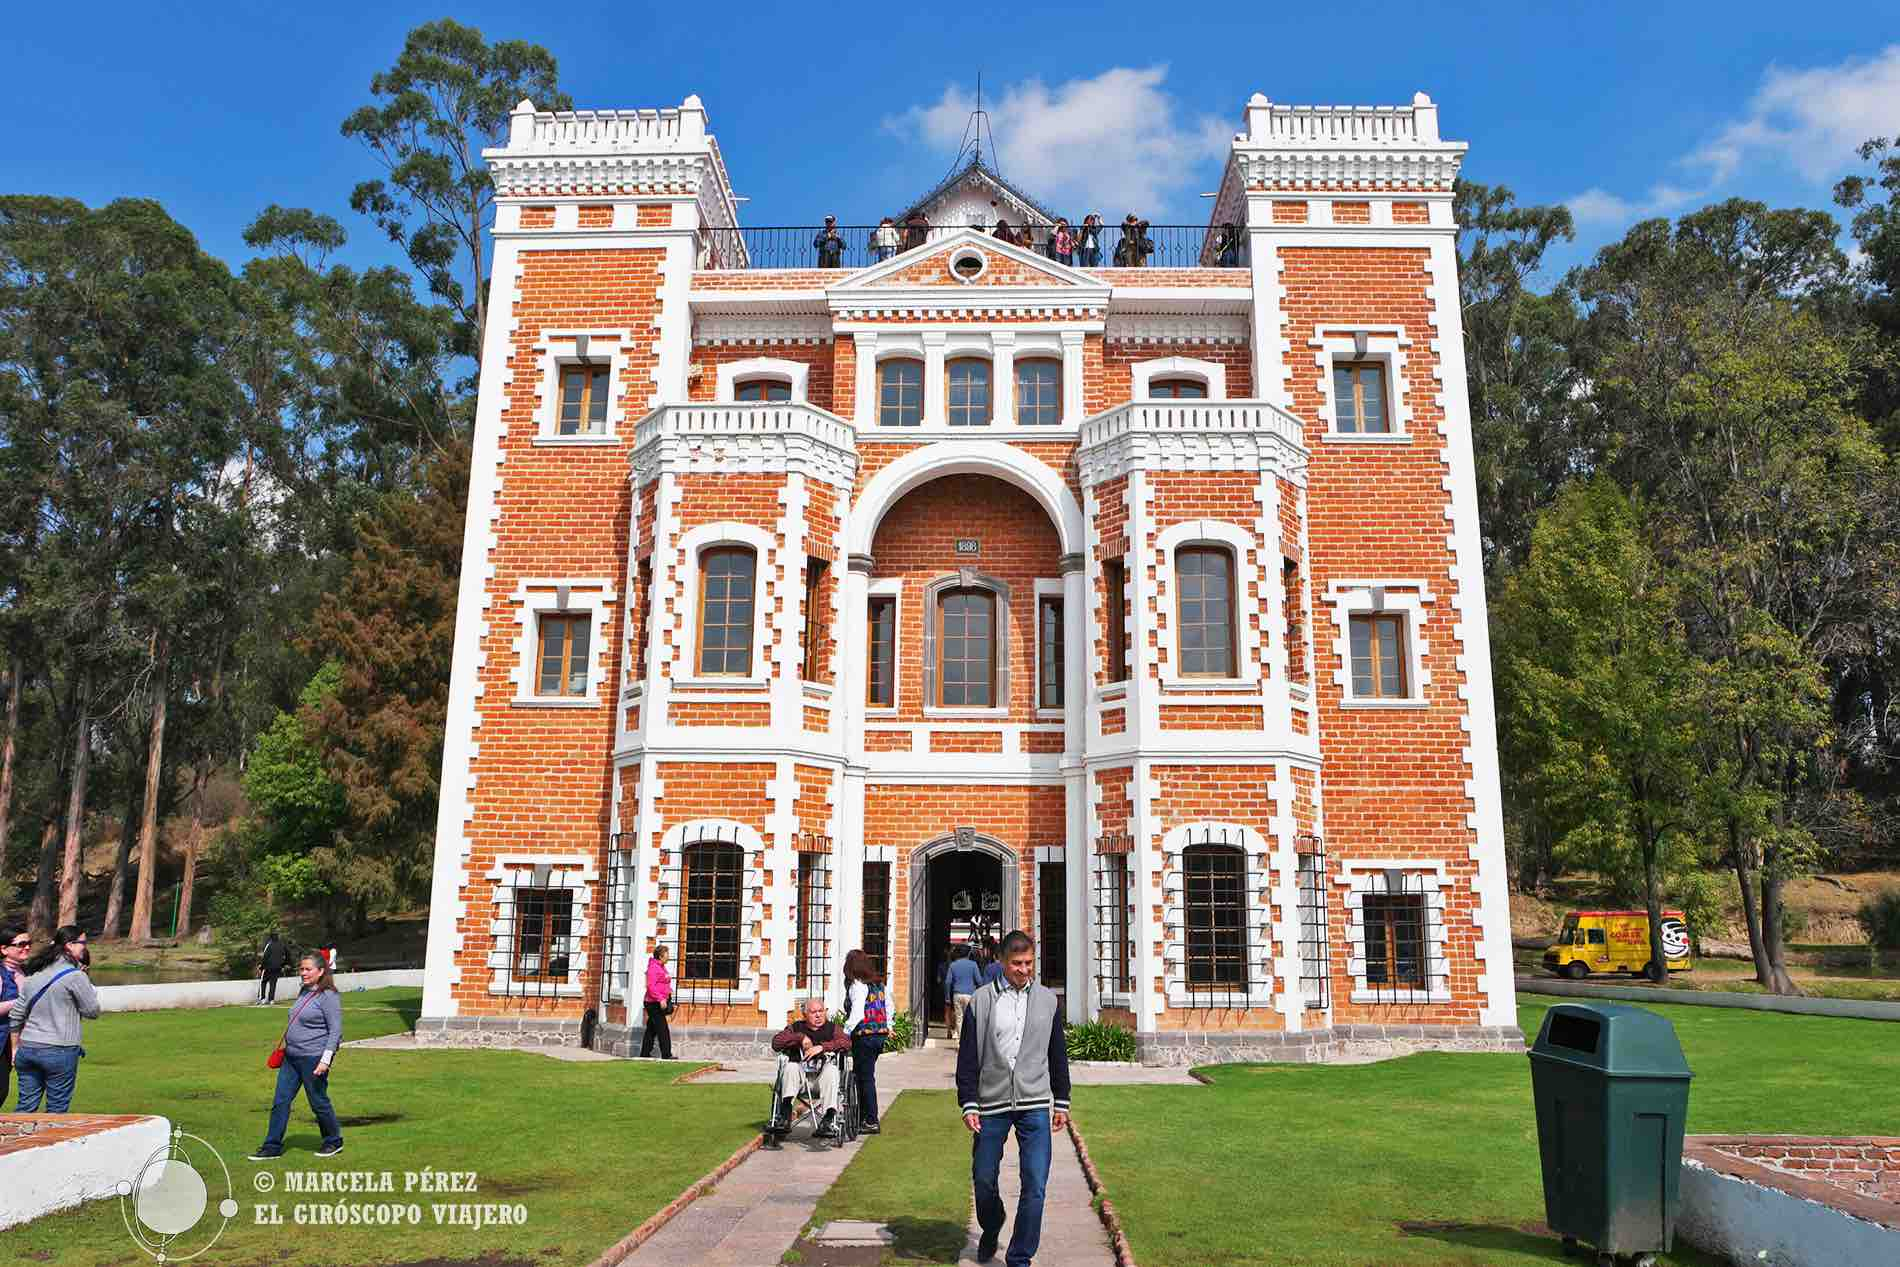 Somos más pequeños cuanto más cerca estamos al castillo con su precioso estilo inglés ©Marcela Pérez Z.